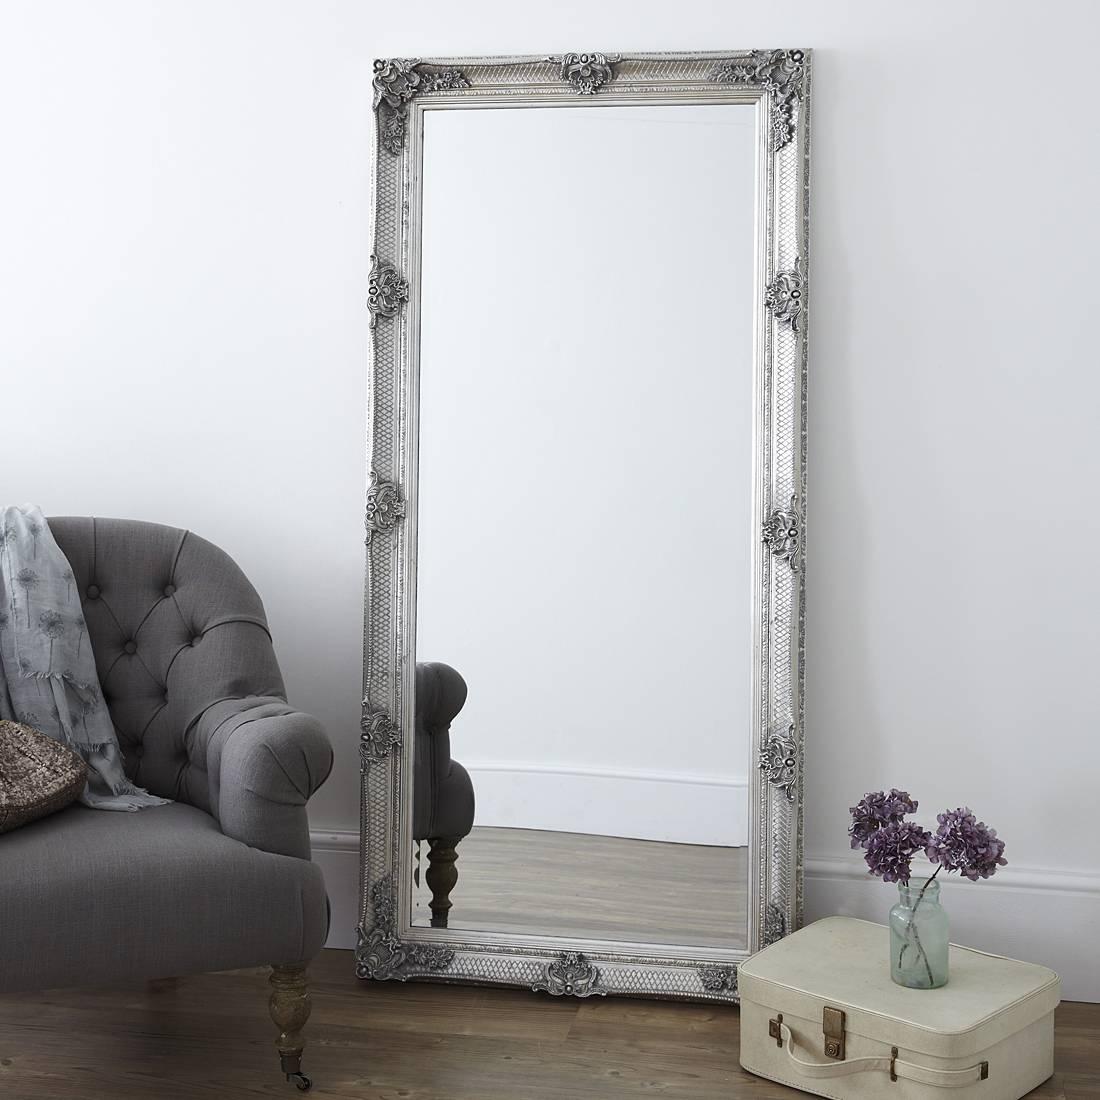 Floor Mirrors – Primrose & Plum with regard to Full Length Antique Dressing Mirrors (Image 9 of 15)